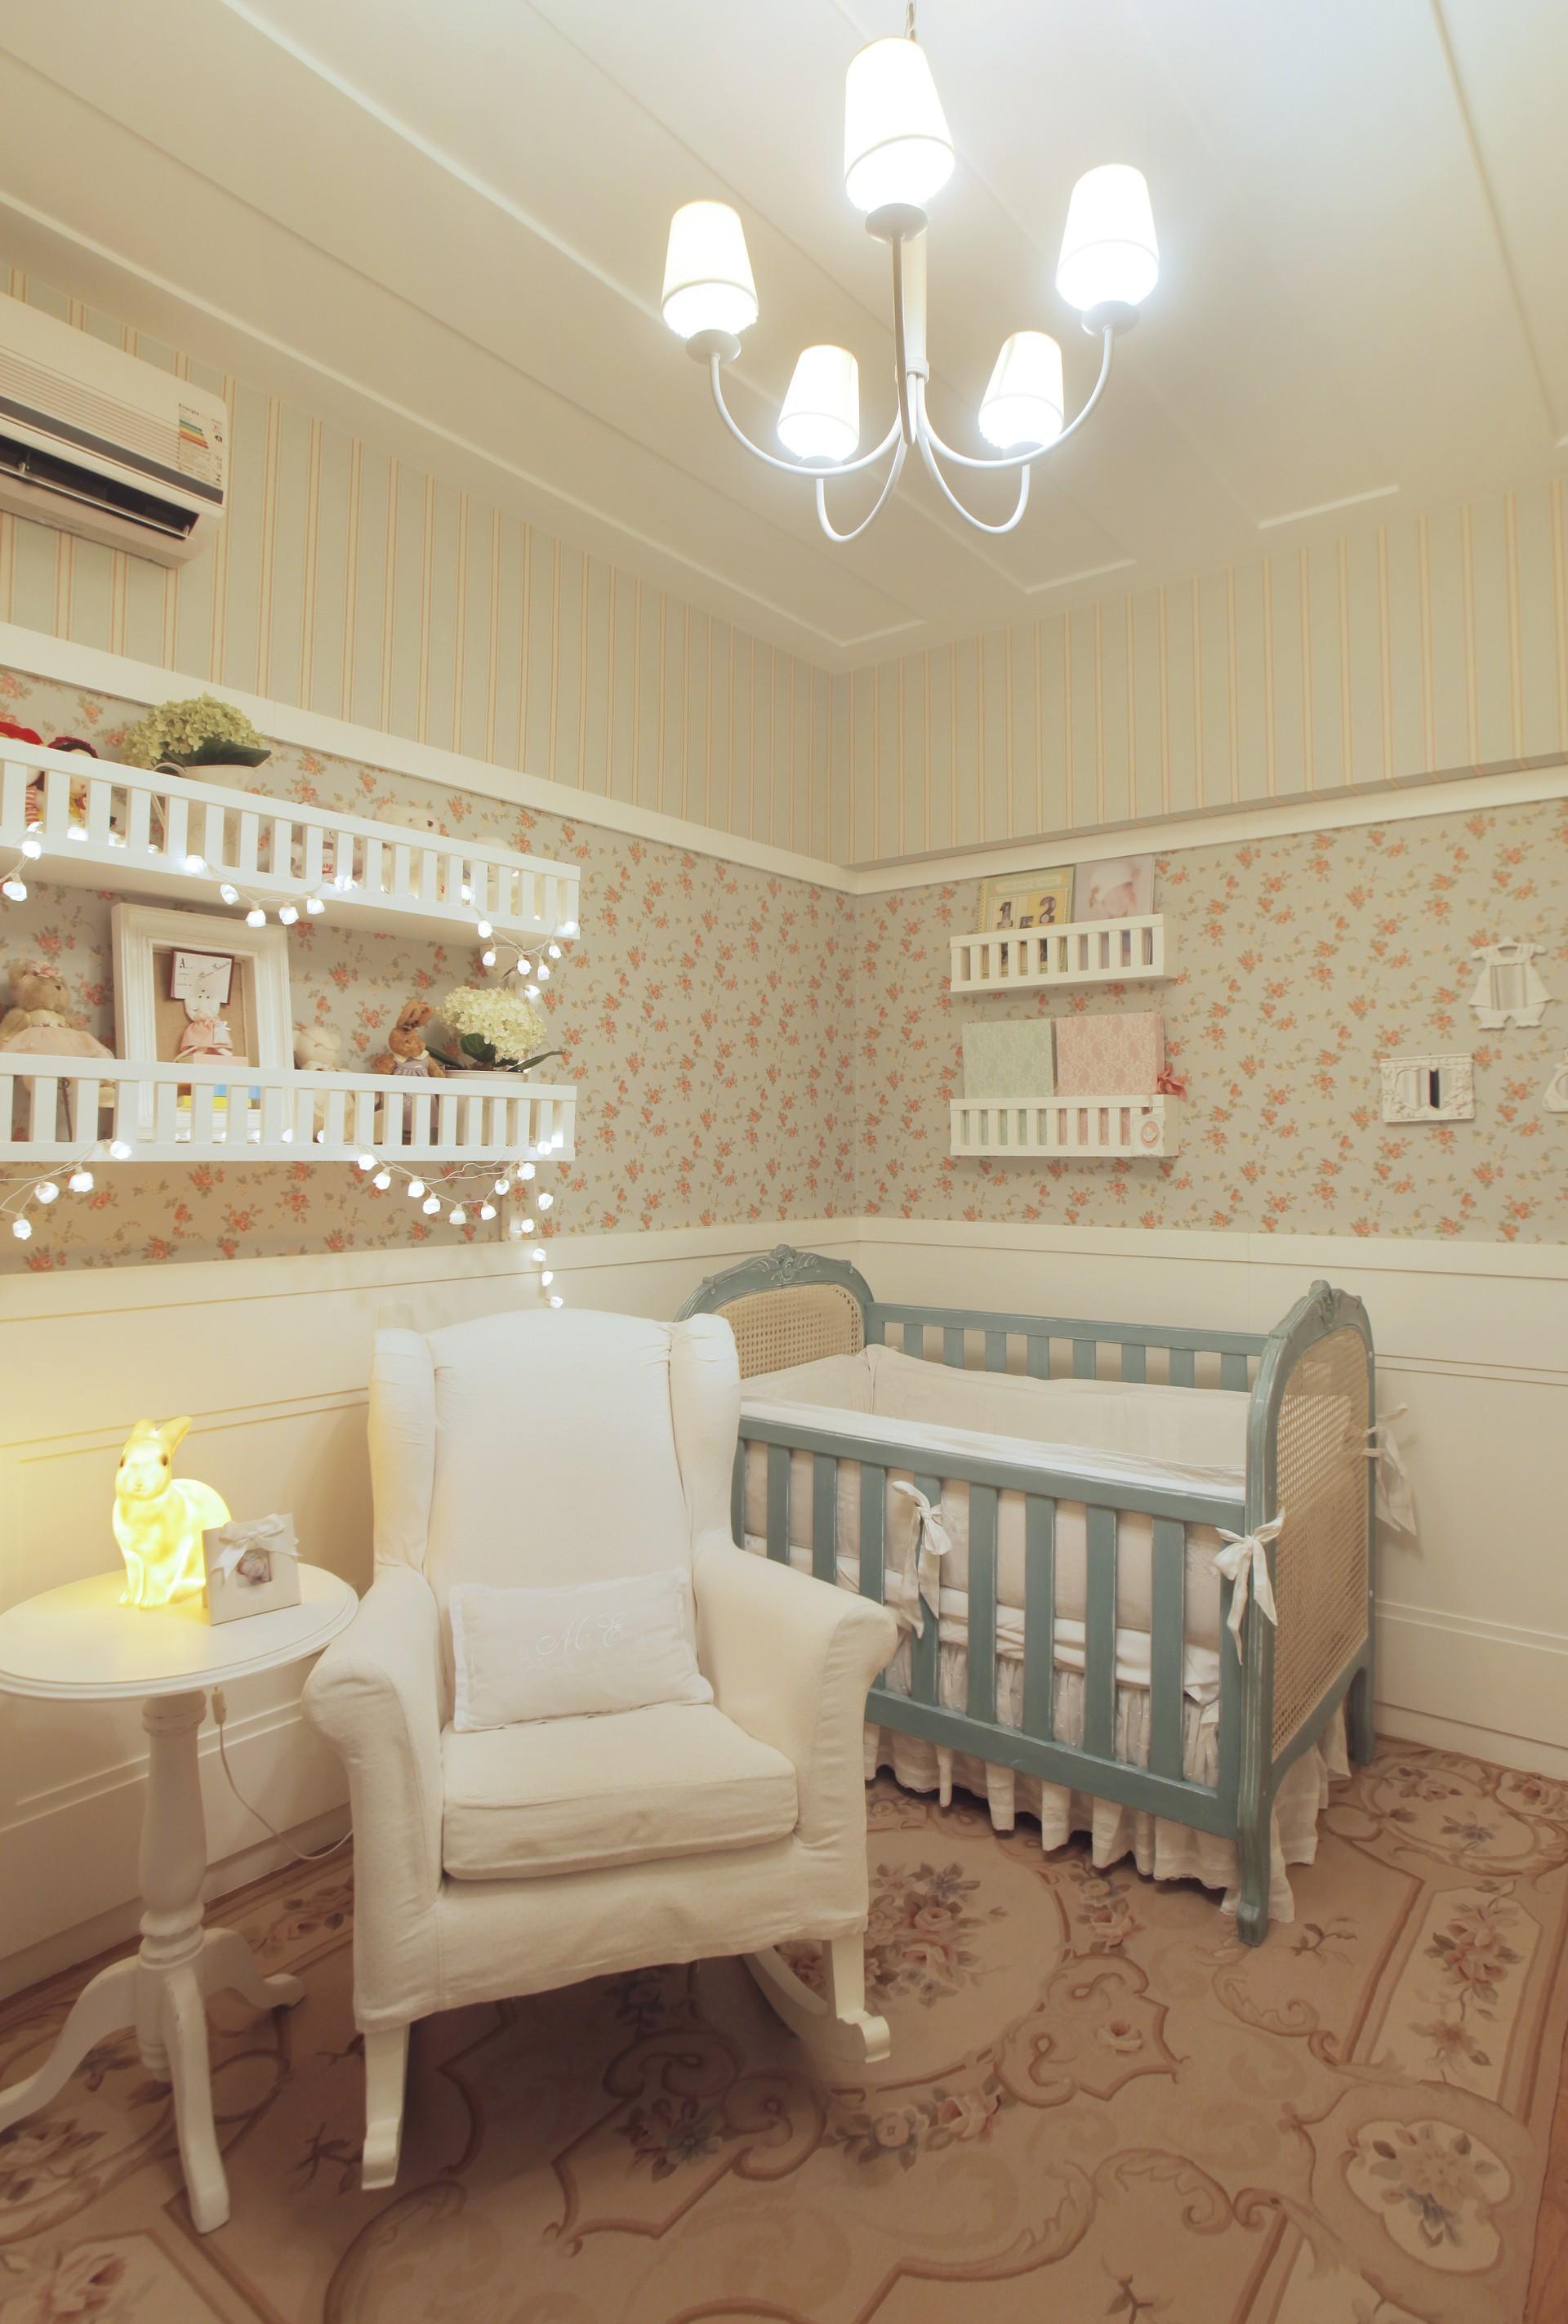 5 ideias de decoração de quartos de bebê  Crescer  Enxoval e Decoração